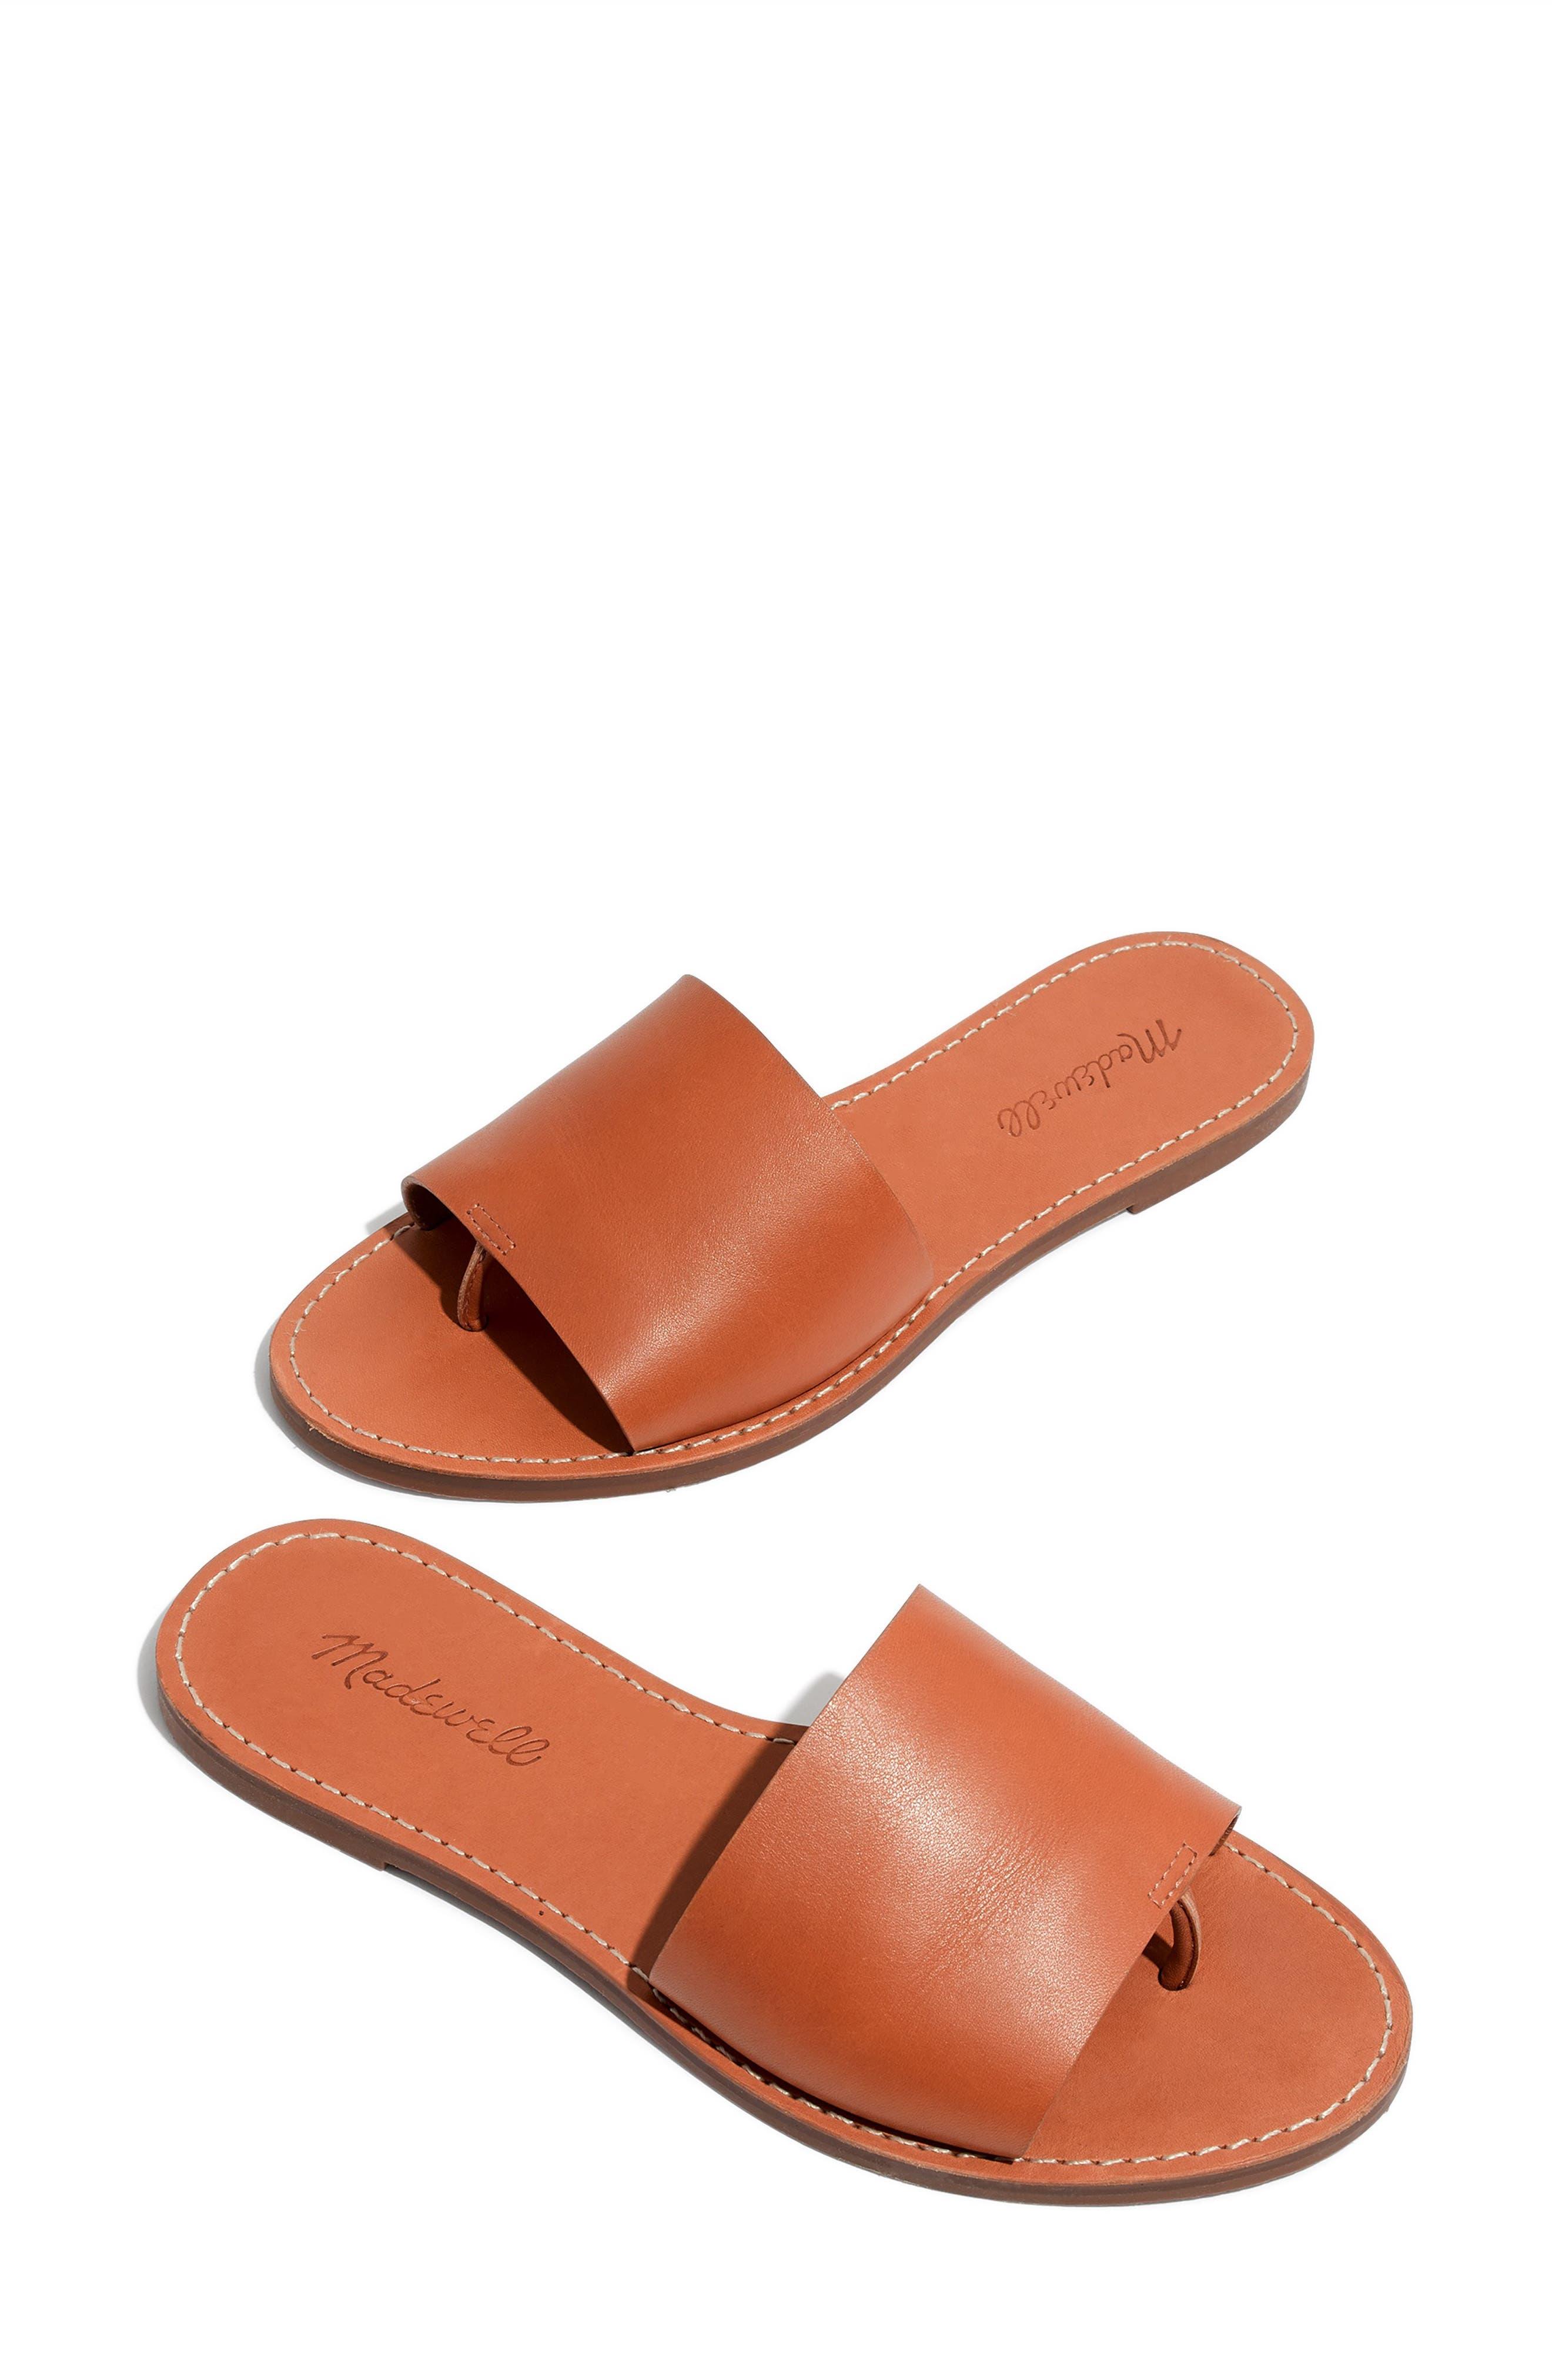 Boardwalk Post Slide Sandal,                         Main,                         color, DESERT CAMEL LEATHER